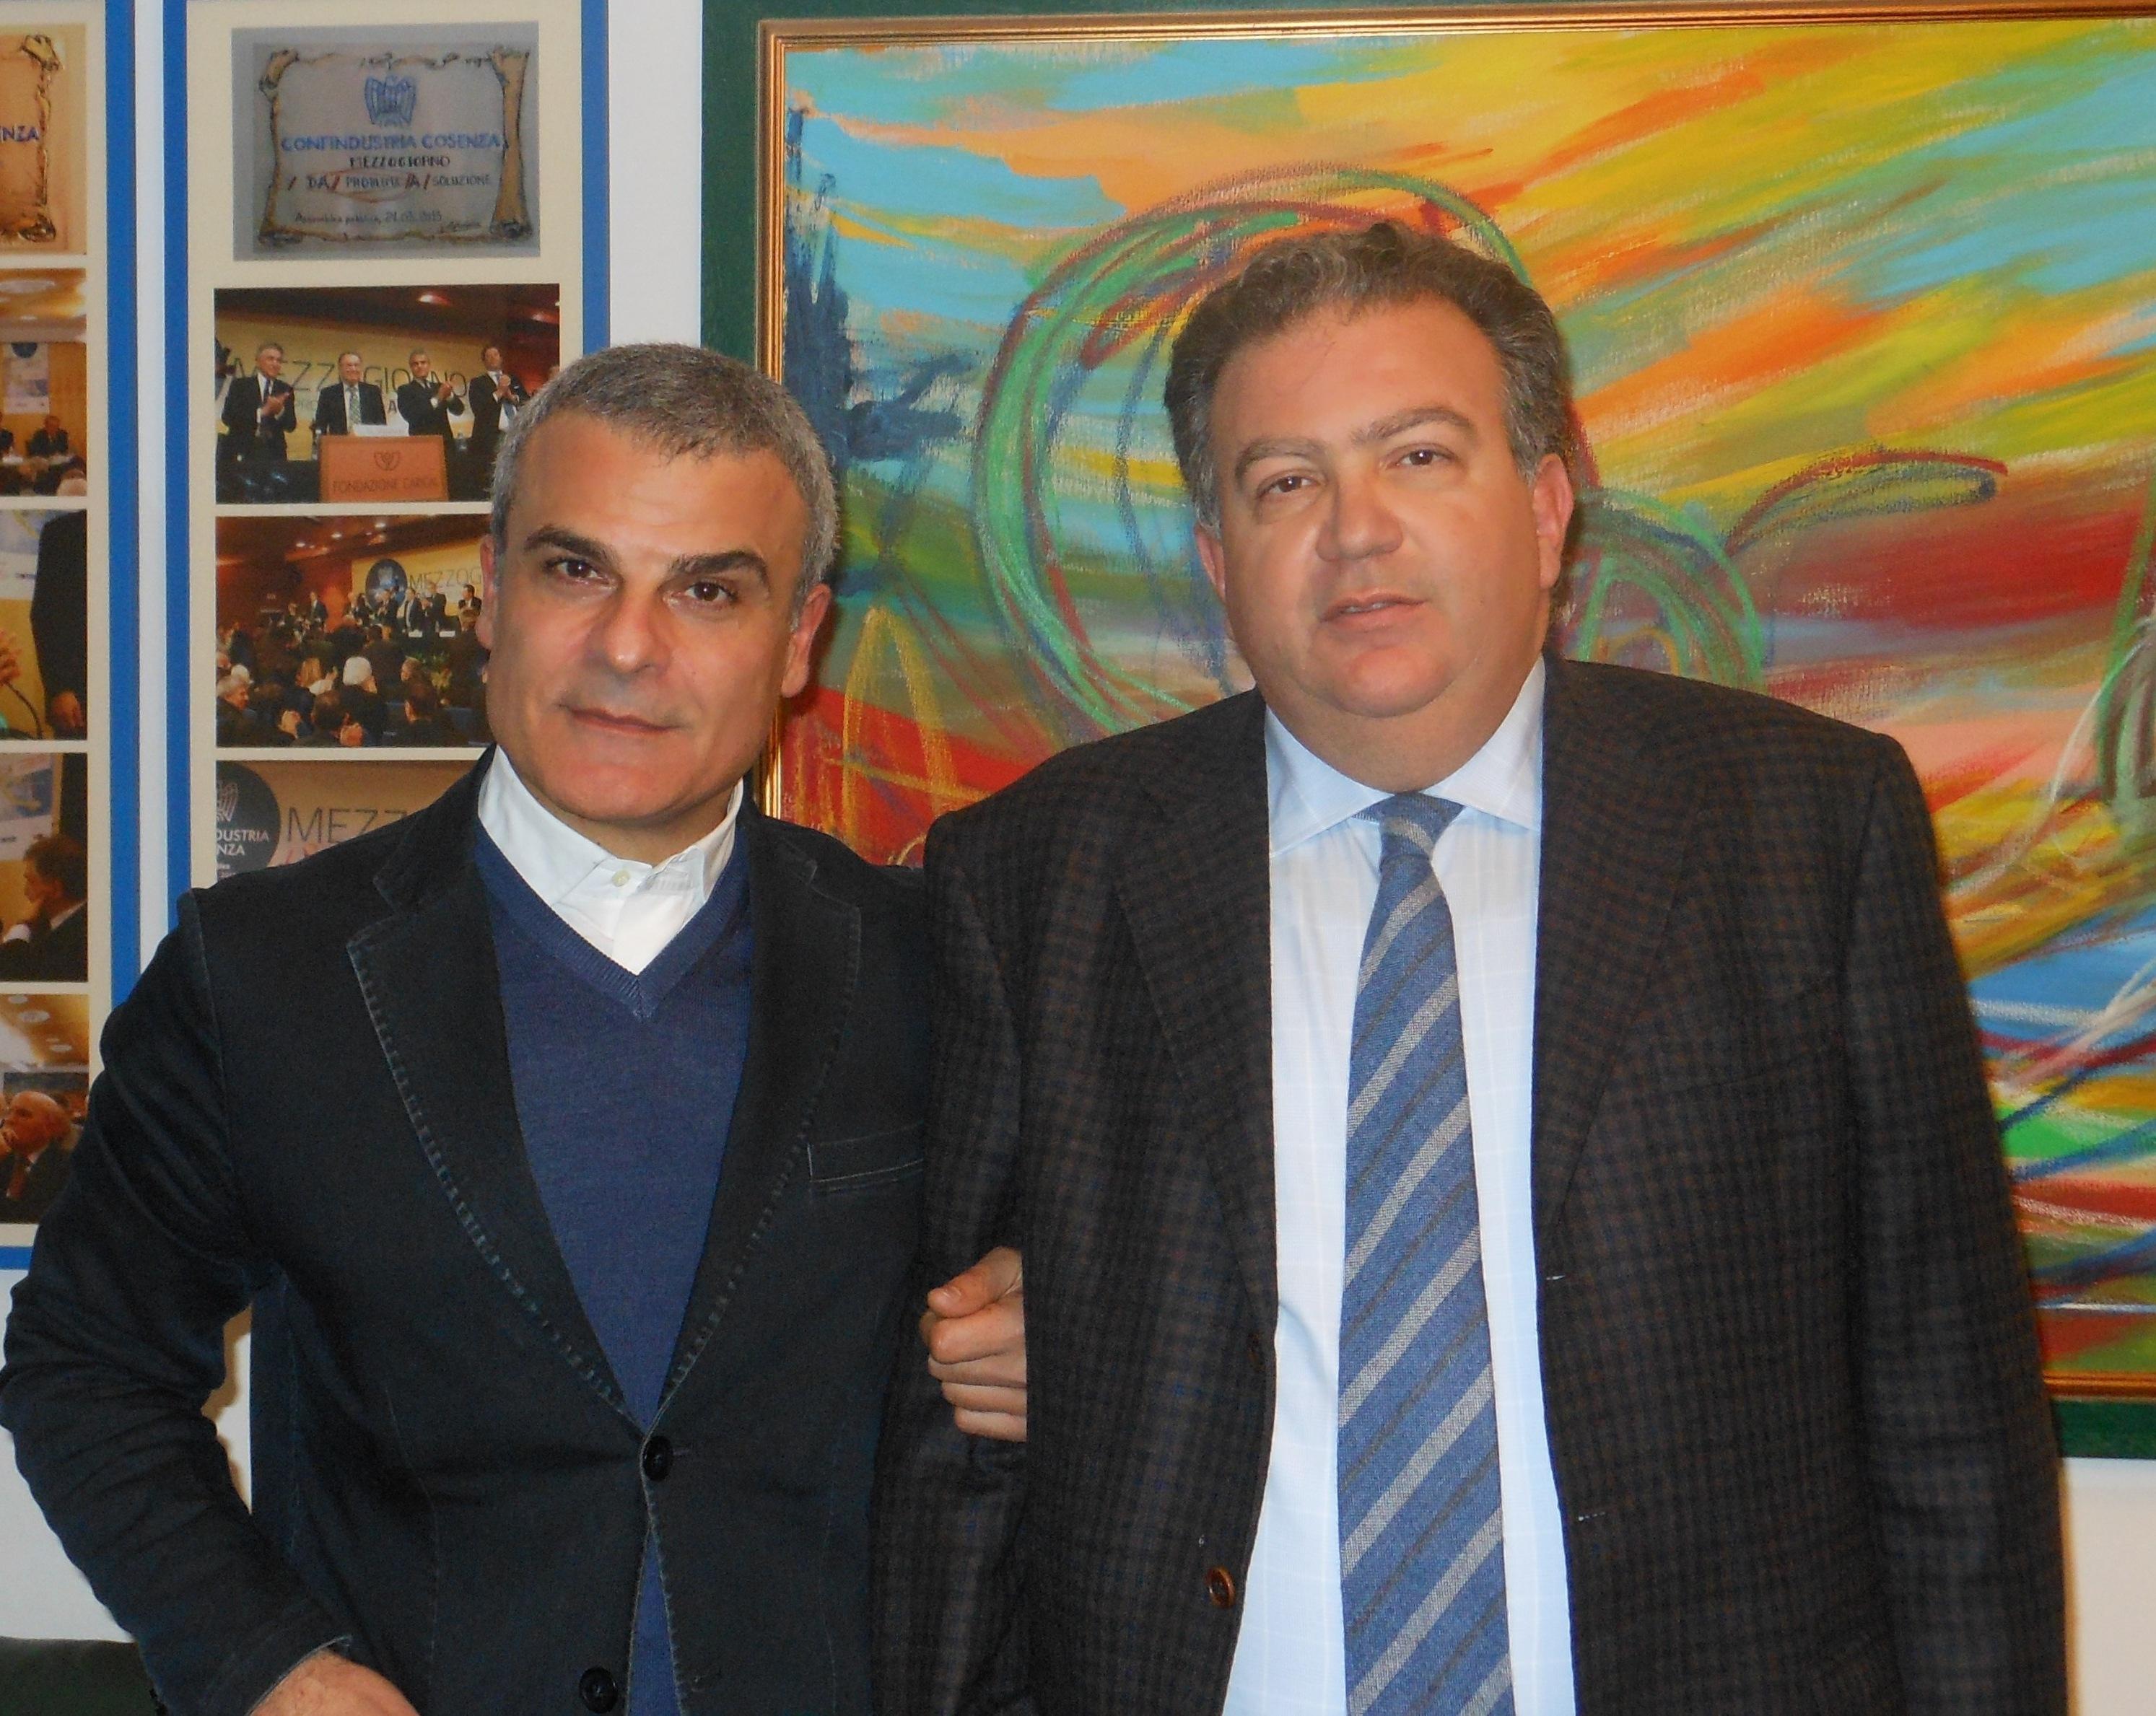 da sinistra i Presidenti Mazzuca e Perciaccante